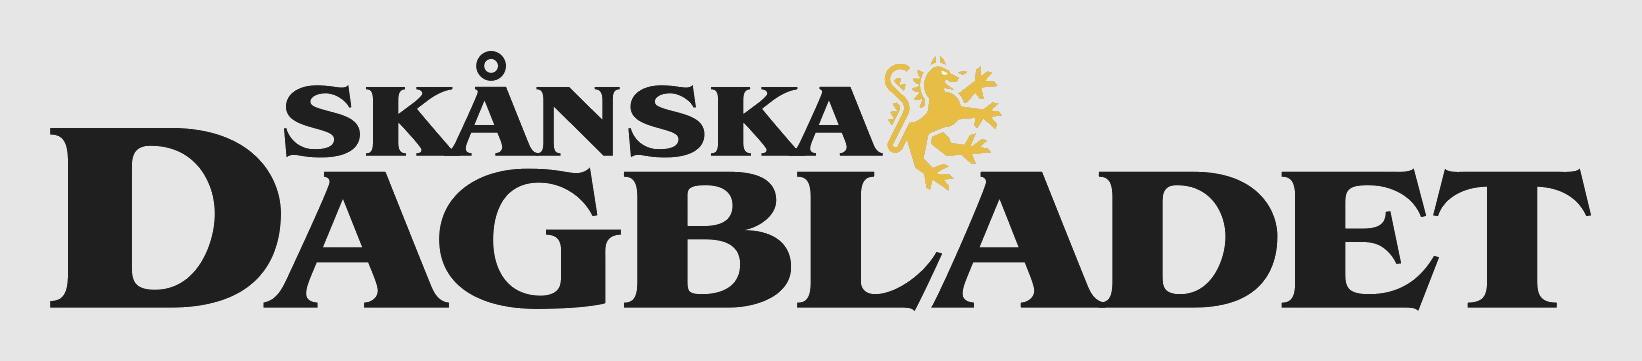 Skånska-Dagbladet-logo